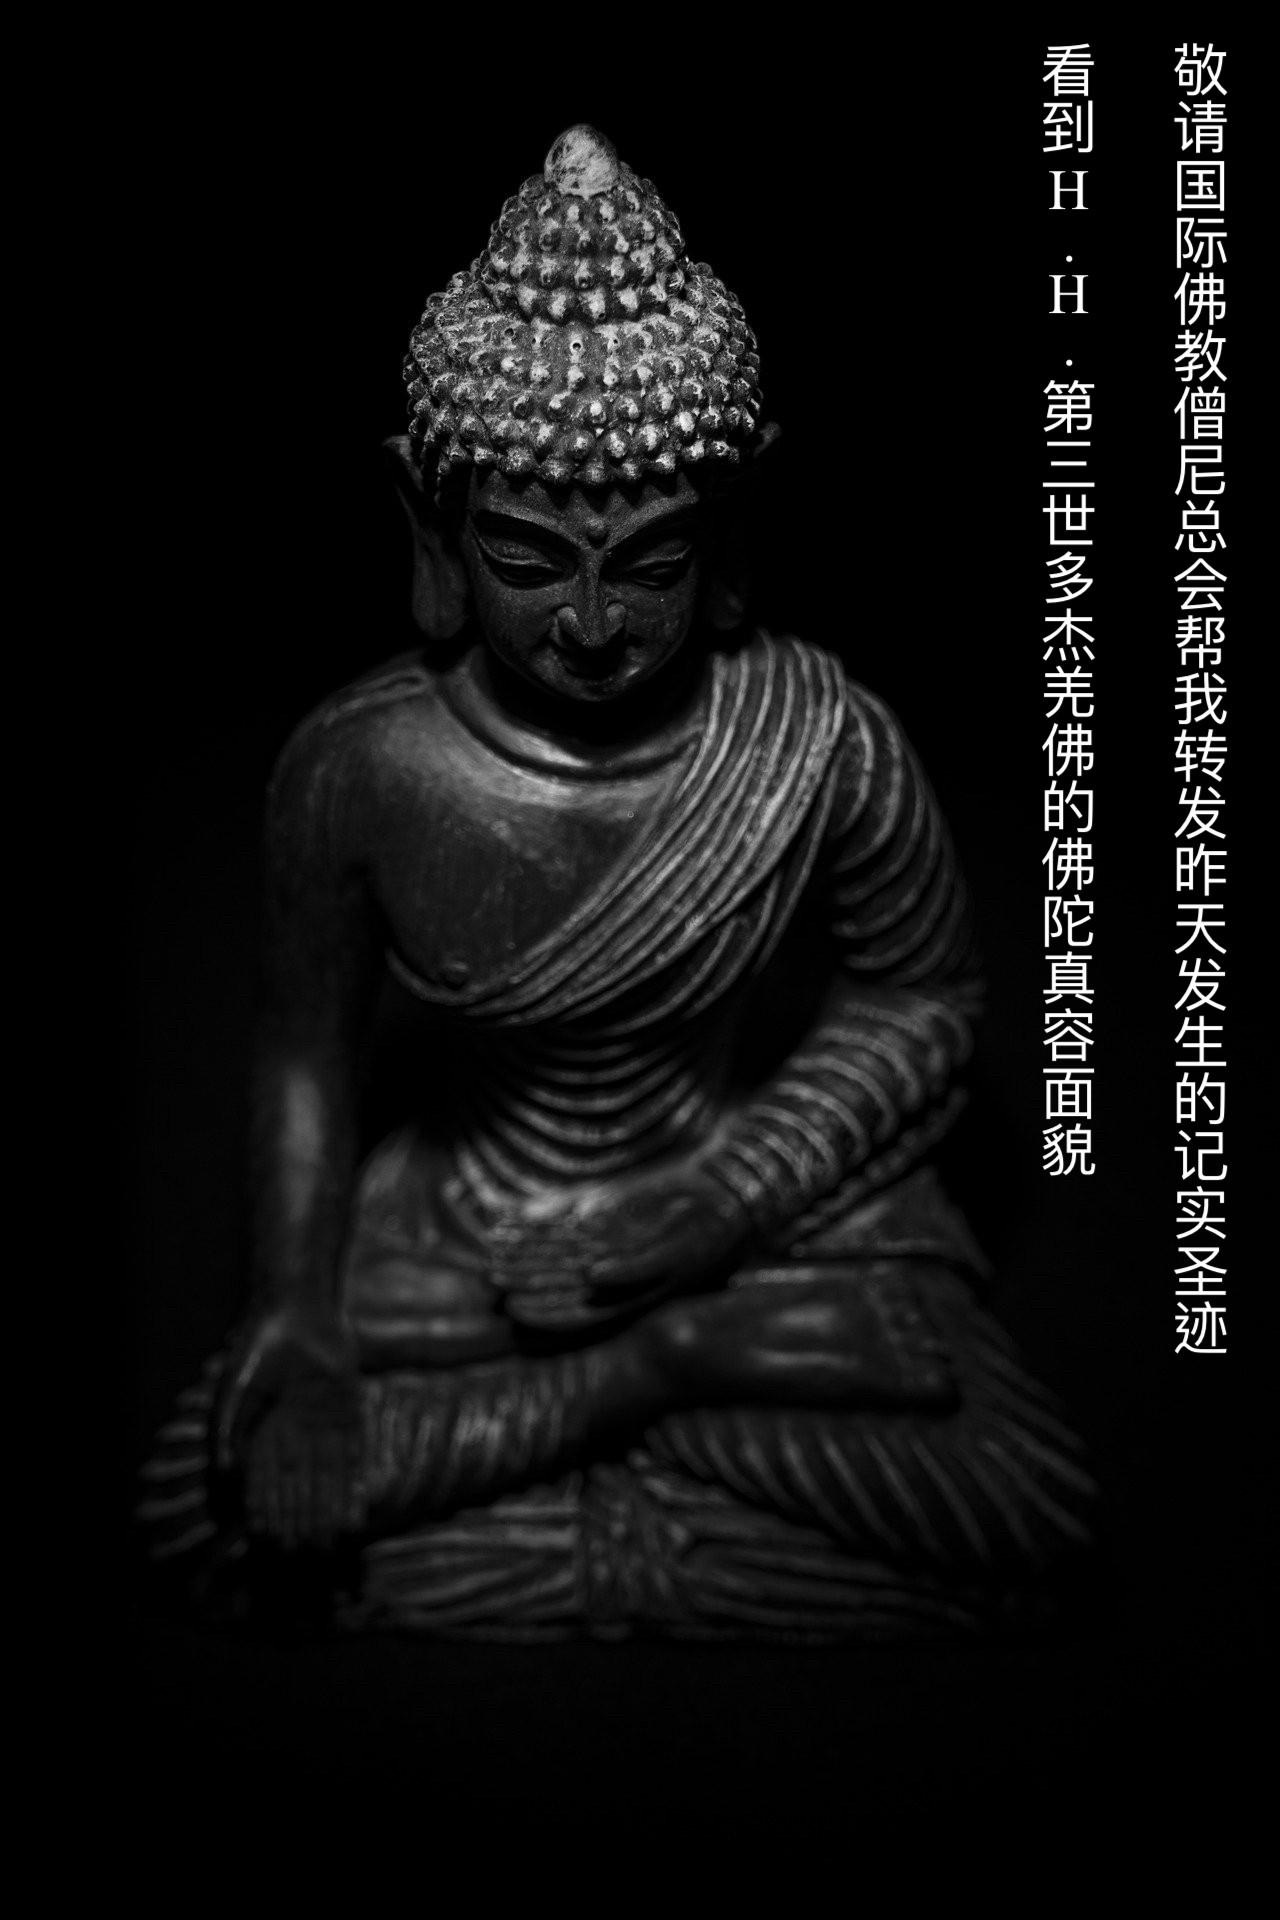 敬请国际佛教僧尼总会帮我转发昨天发生的记实圣迹——看到H.H.第三世多杰羌佛的佛陀真容面貌